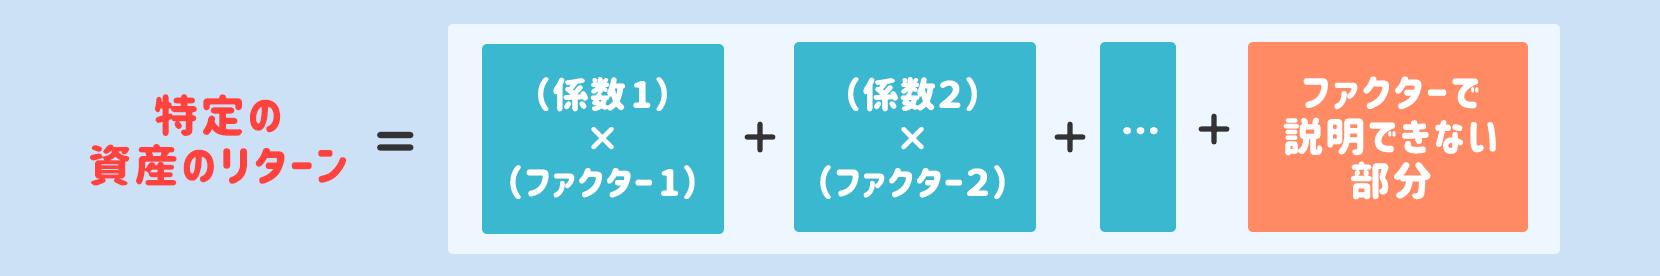 特定の資産のリターン=(係数1)✕(ファクター1)+(係数2)✕(ファクター2)+…+ファクターで説明できない部分